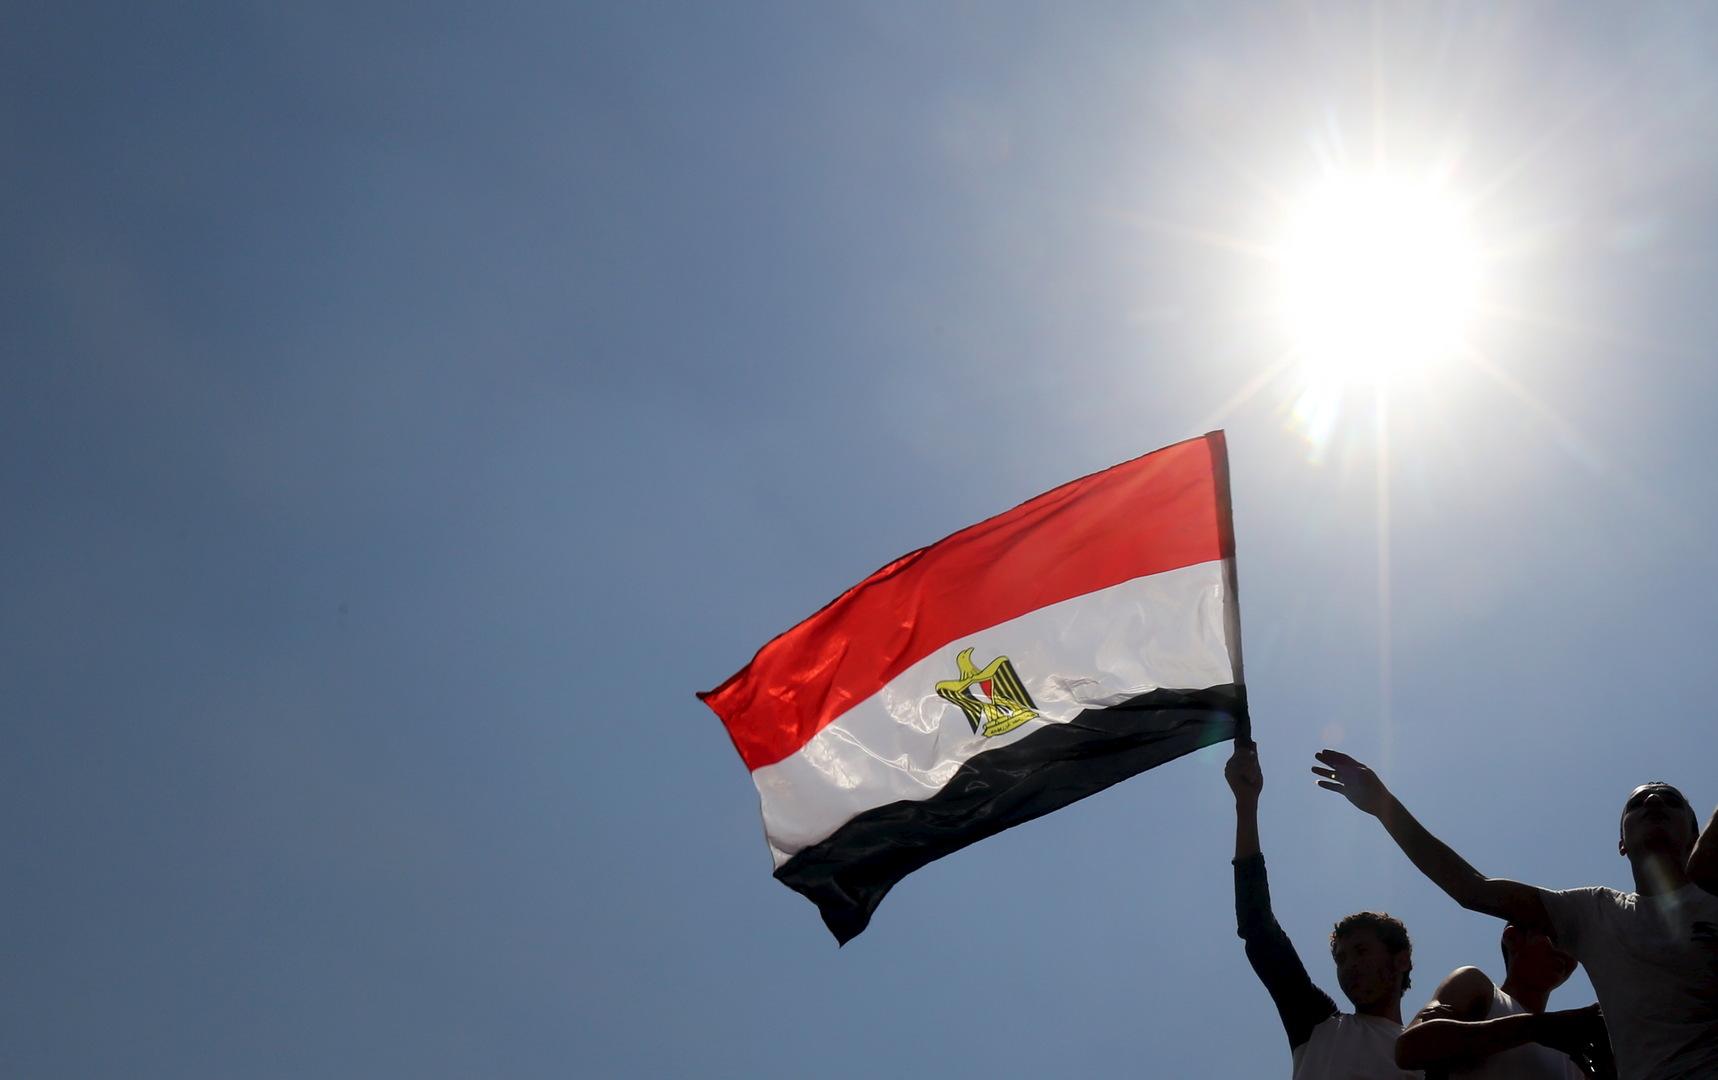 مصر.. البرلمان يوافق على قانون يخص رواتب تقاعد الجيش المصري -